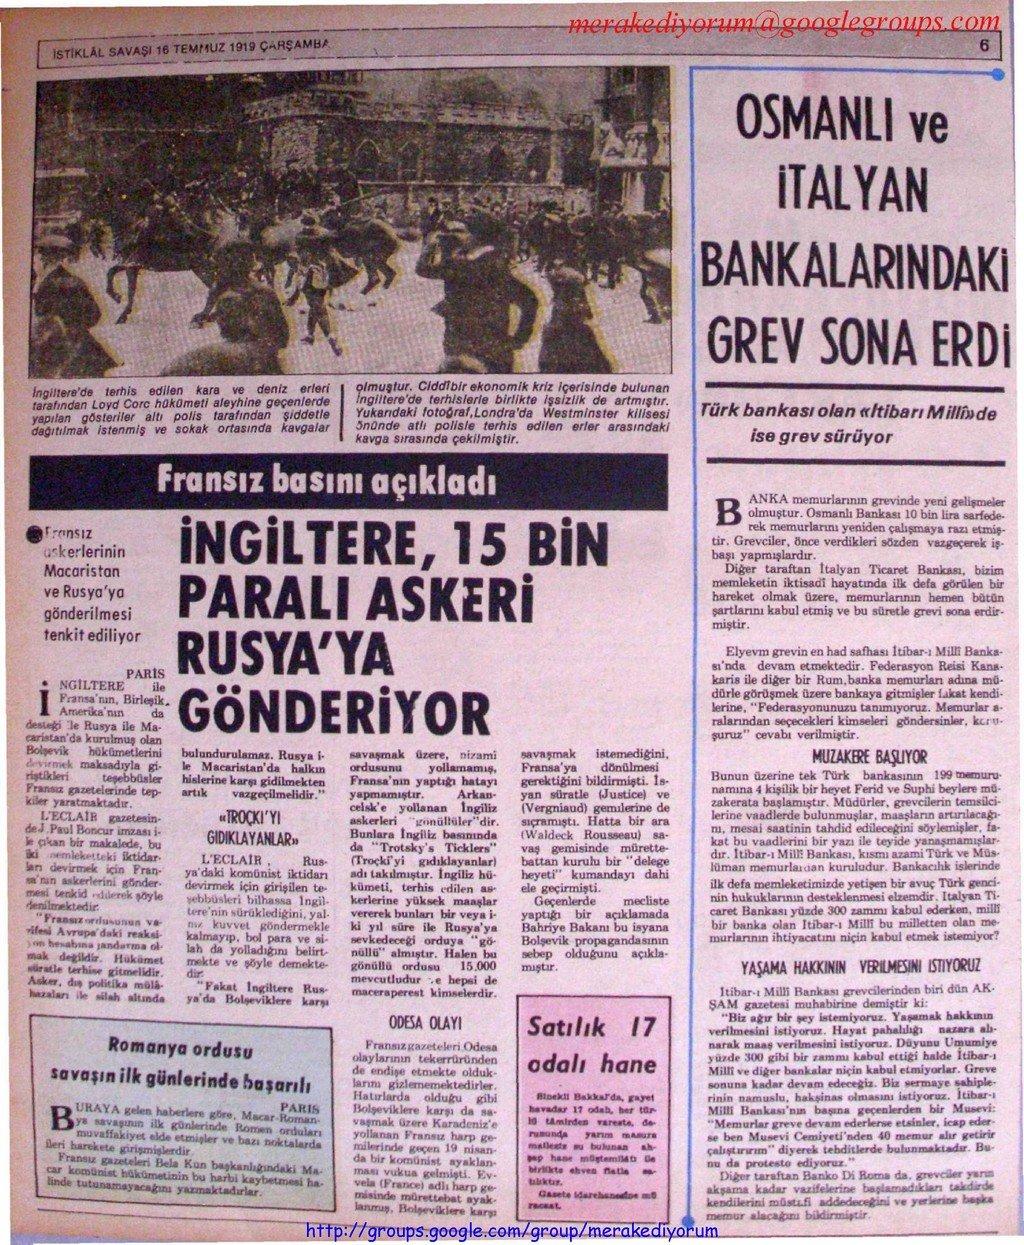 istiklal savaşı gazetesi - 16 temmuz 1919